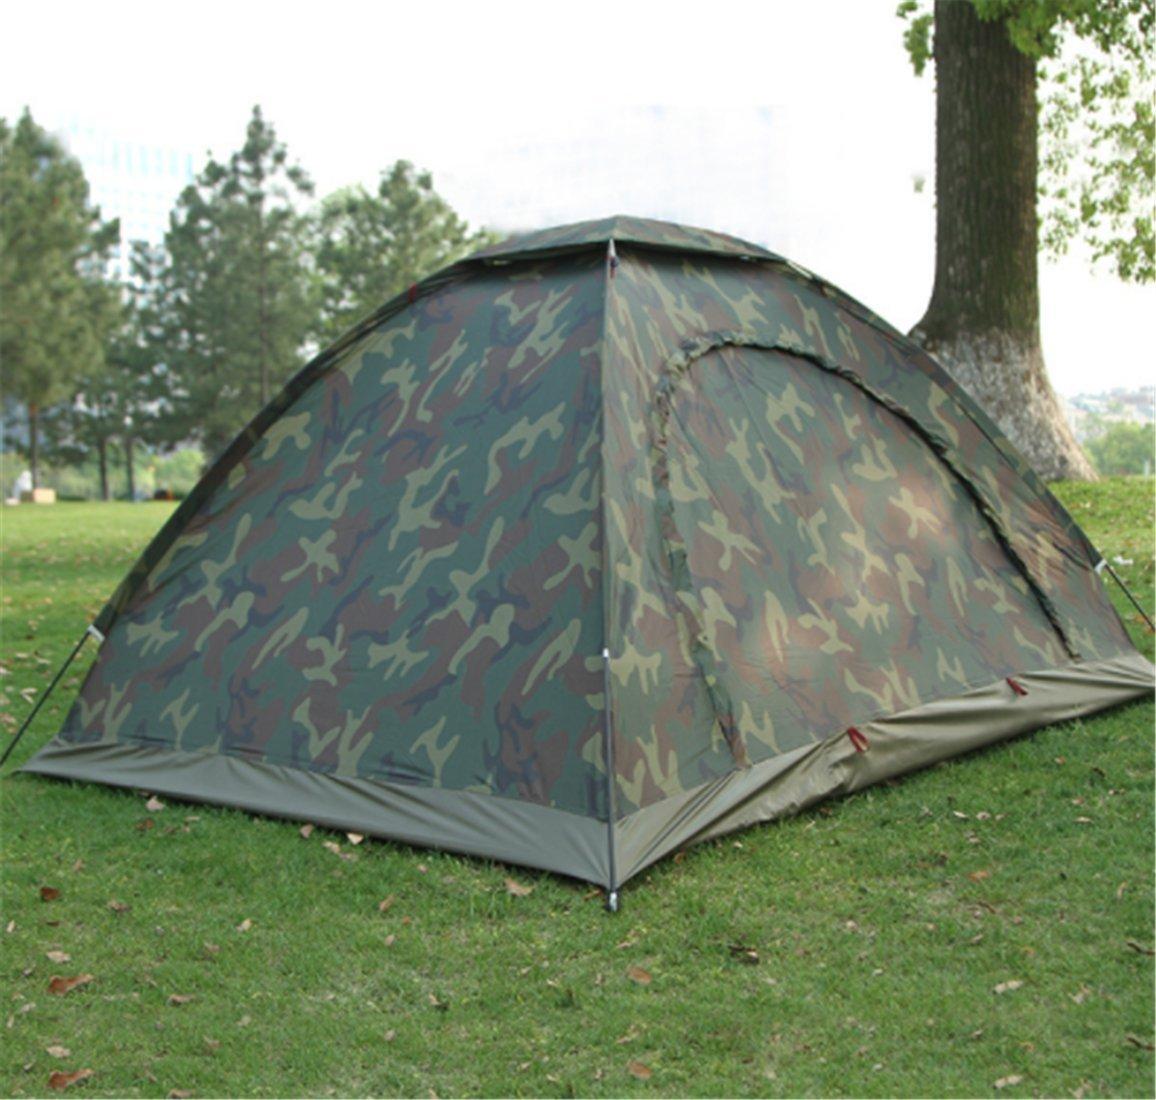 Yeying123 Outdoor 2-Personen Zelt Camping 3-4 Camouflage Zelt Paar Strand Freizeit Zelt,Single